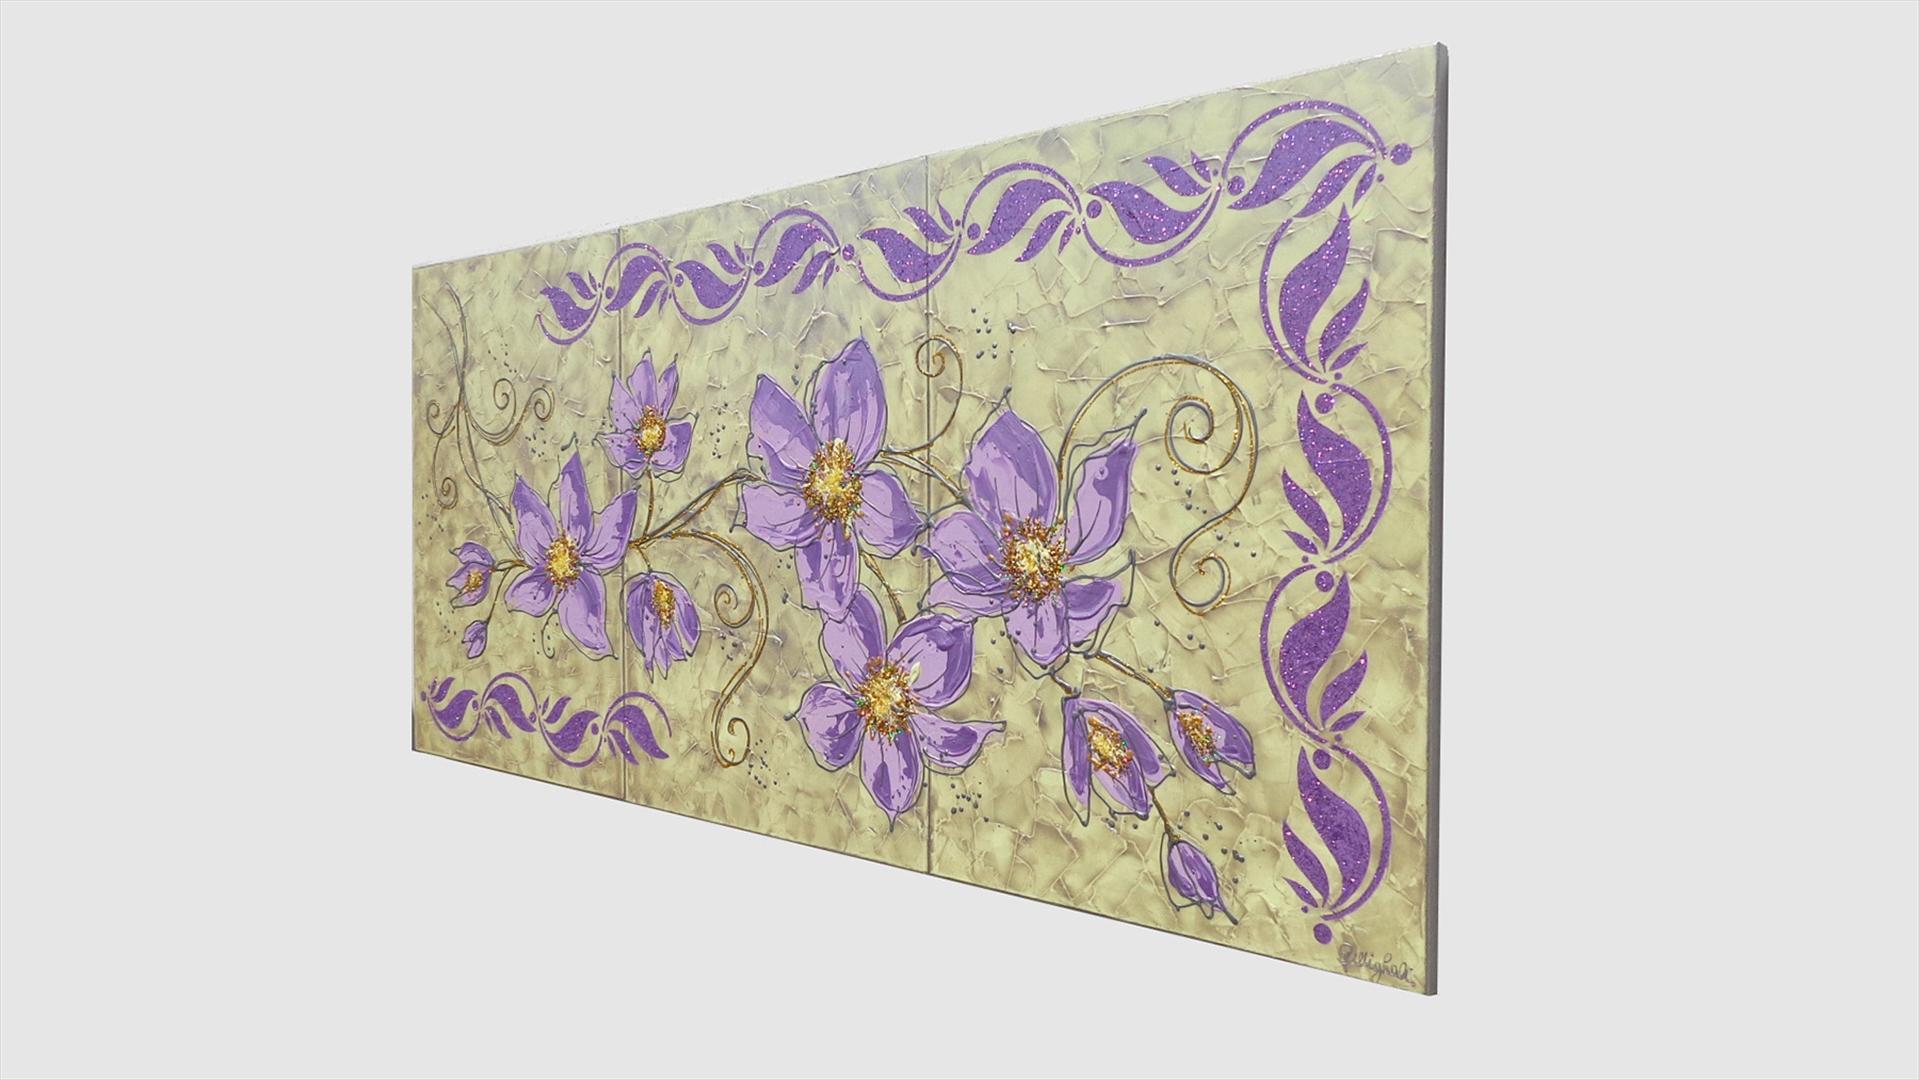 Stelo di fiori lilla vendita quadri online quadri - Tele per camera da letto ...